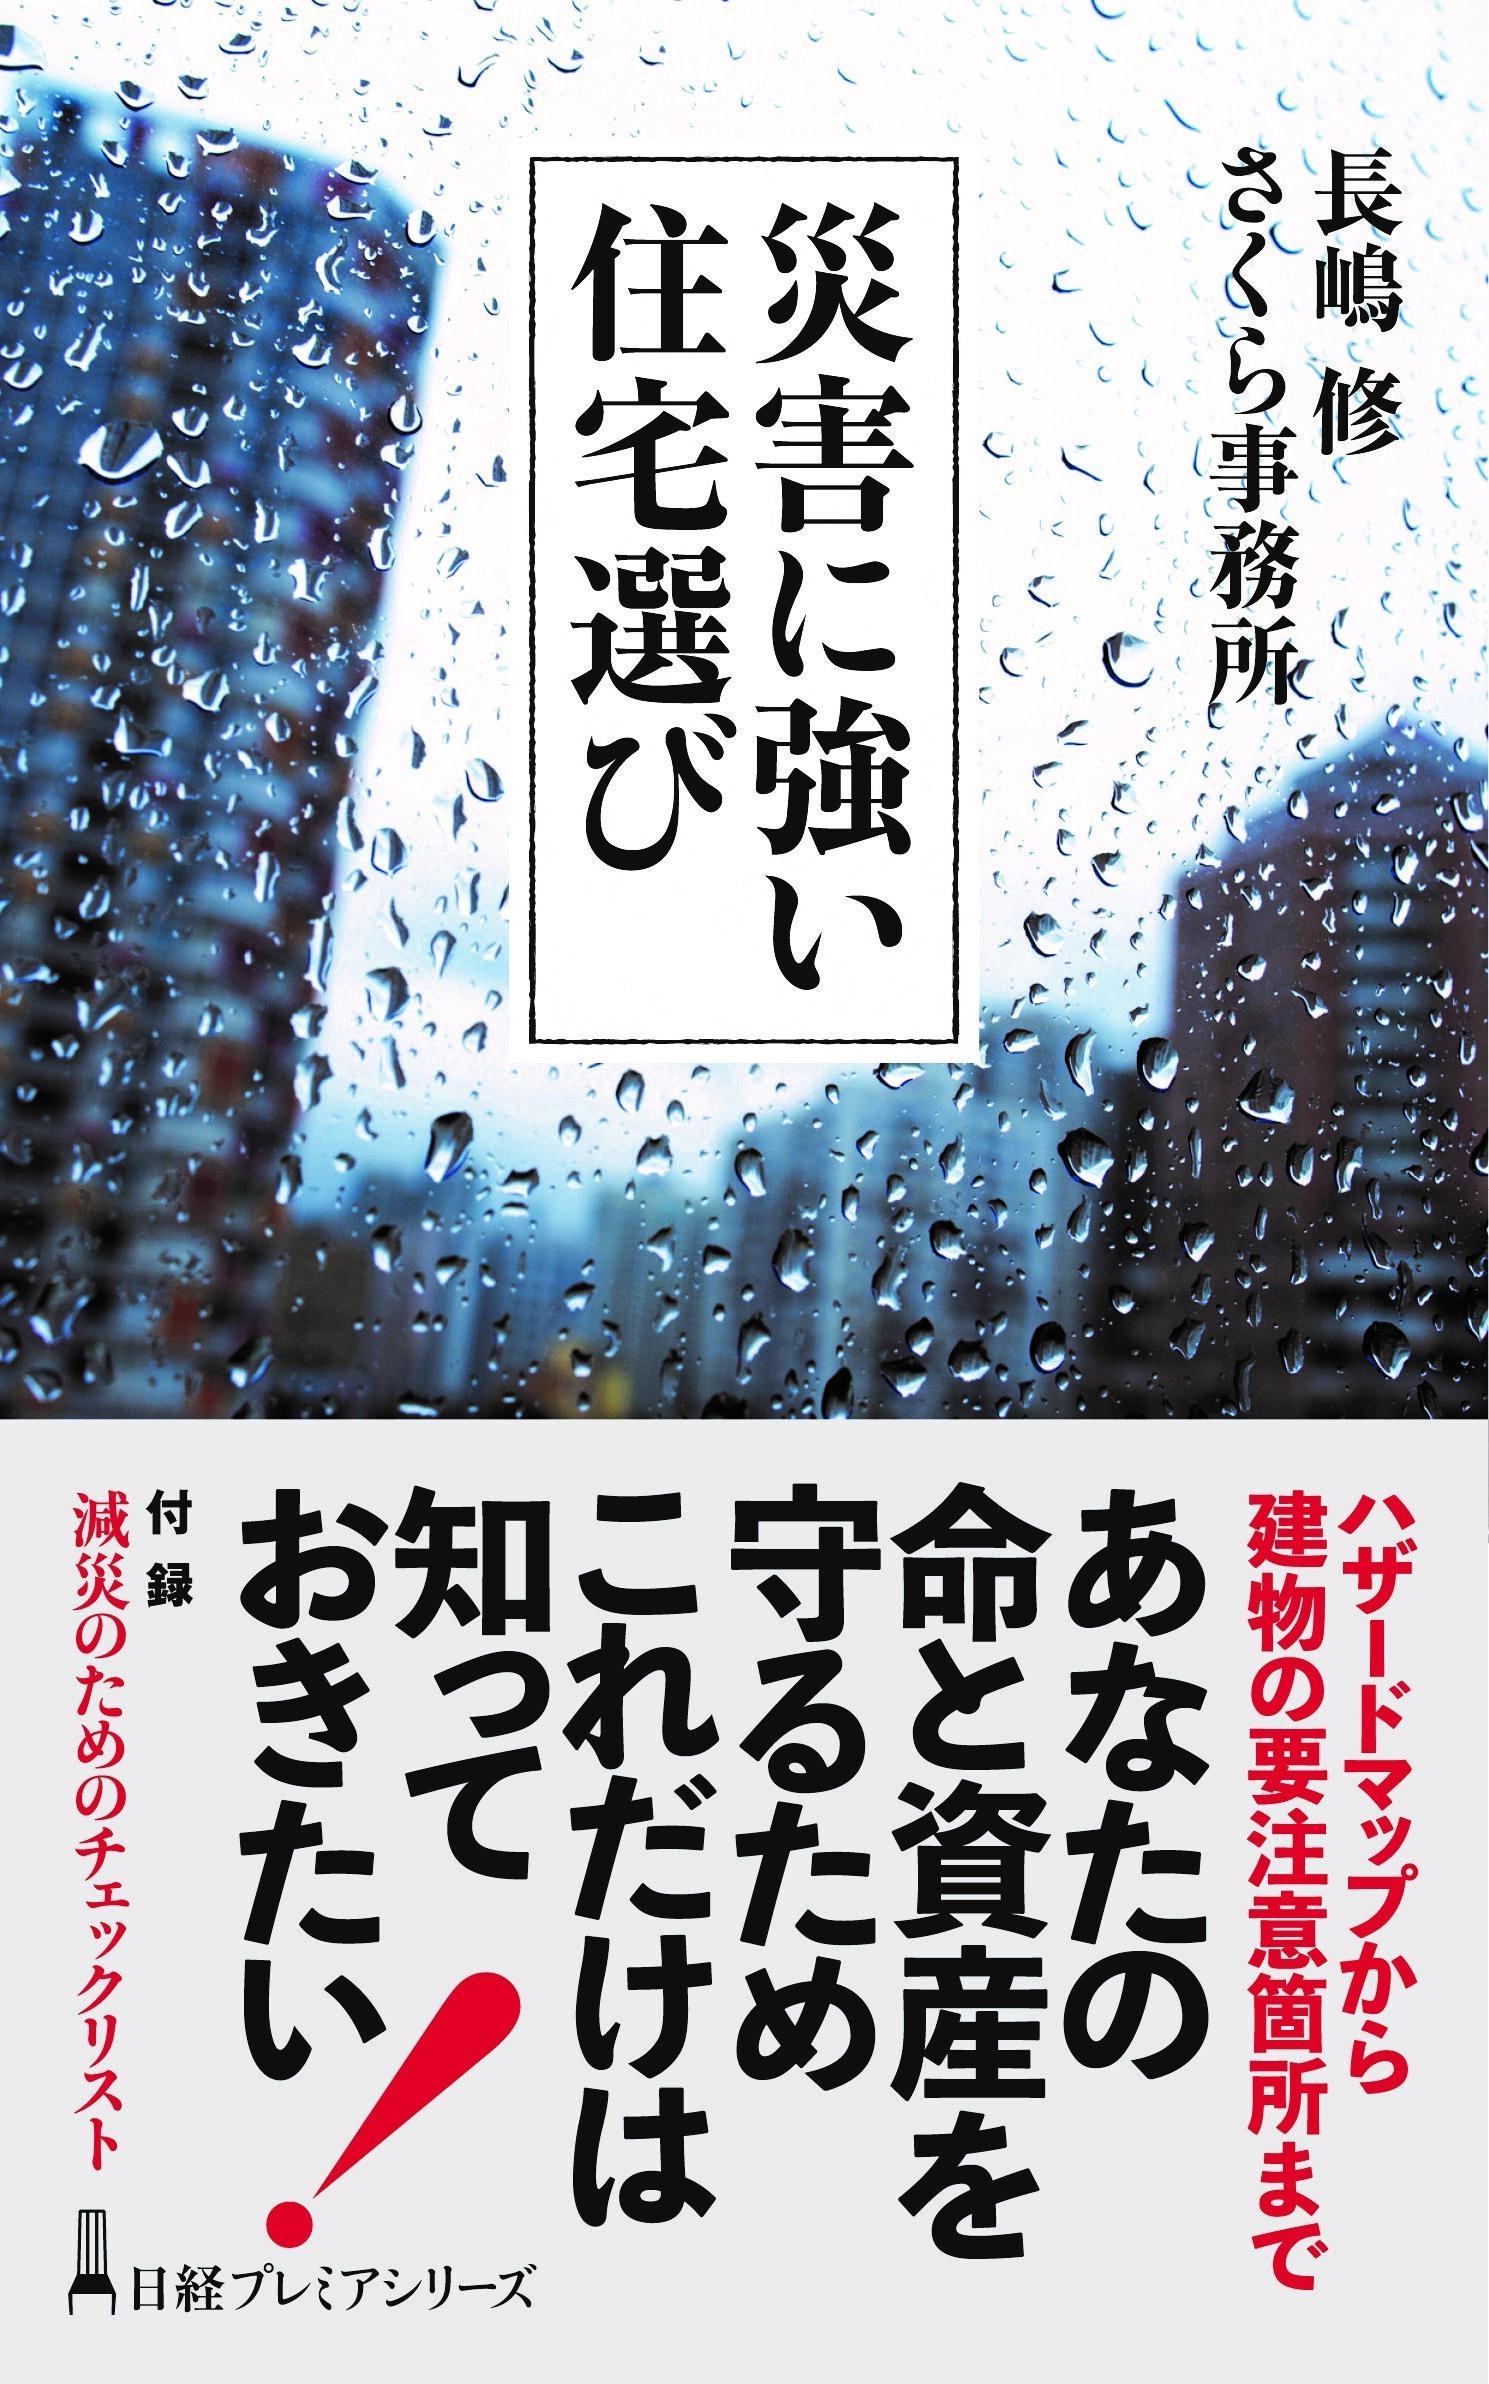 災害に強い住宅選 長嶋 修+さくら事務所び